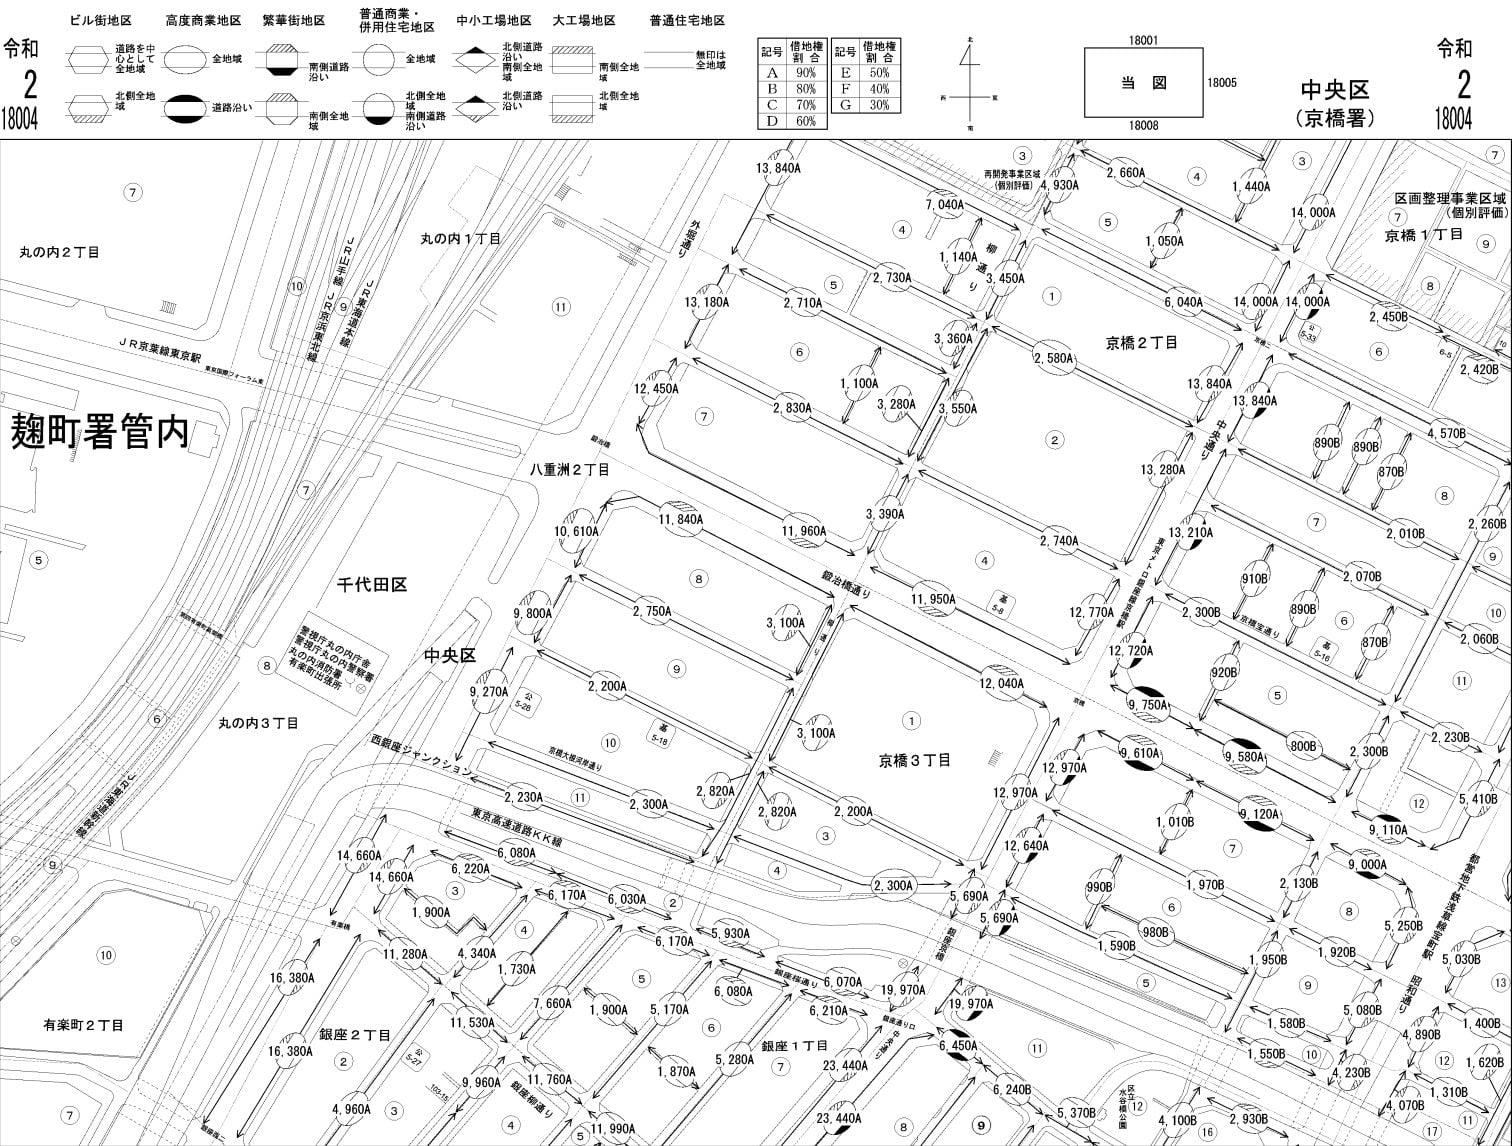 東京都中央区の路線価図